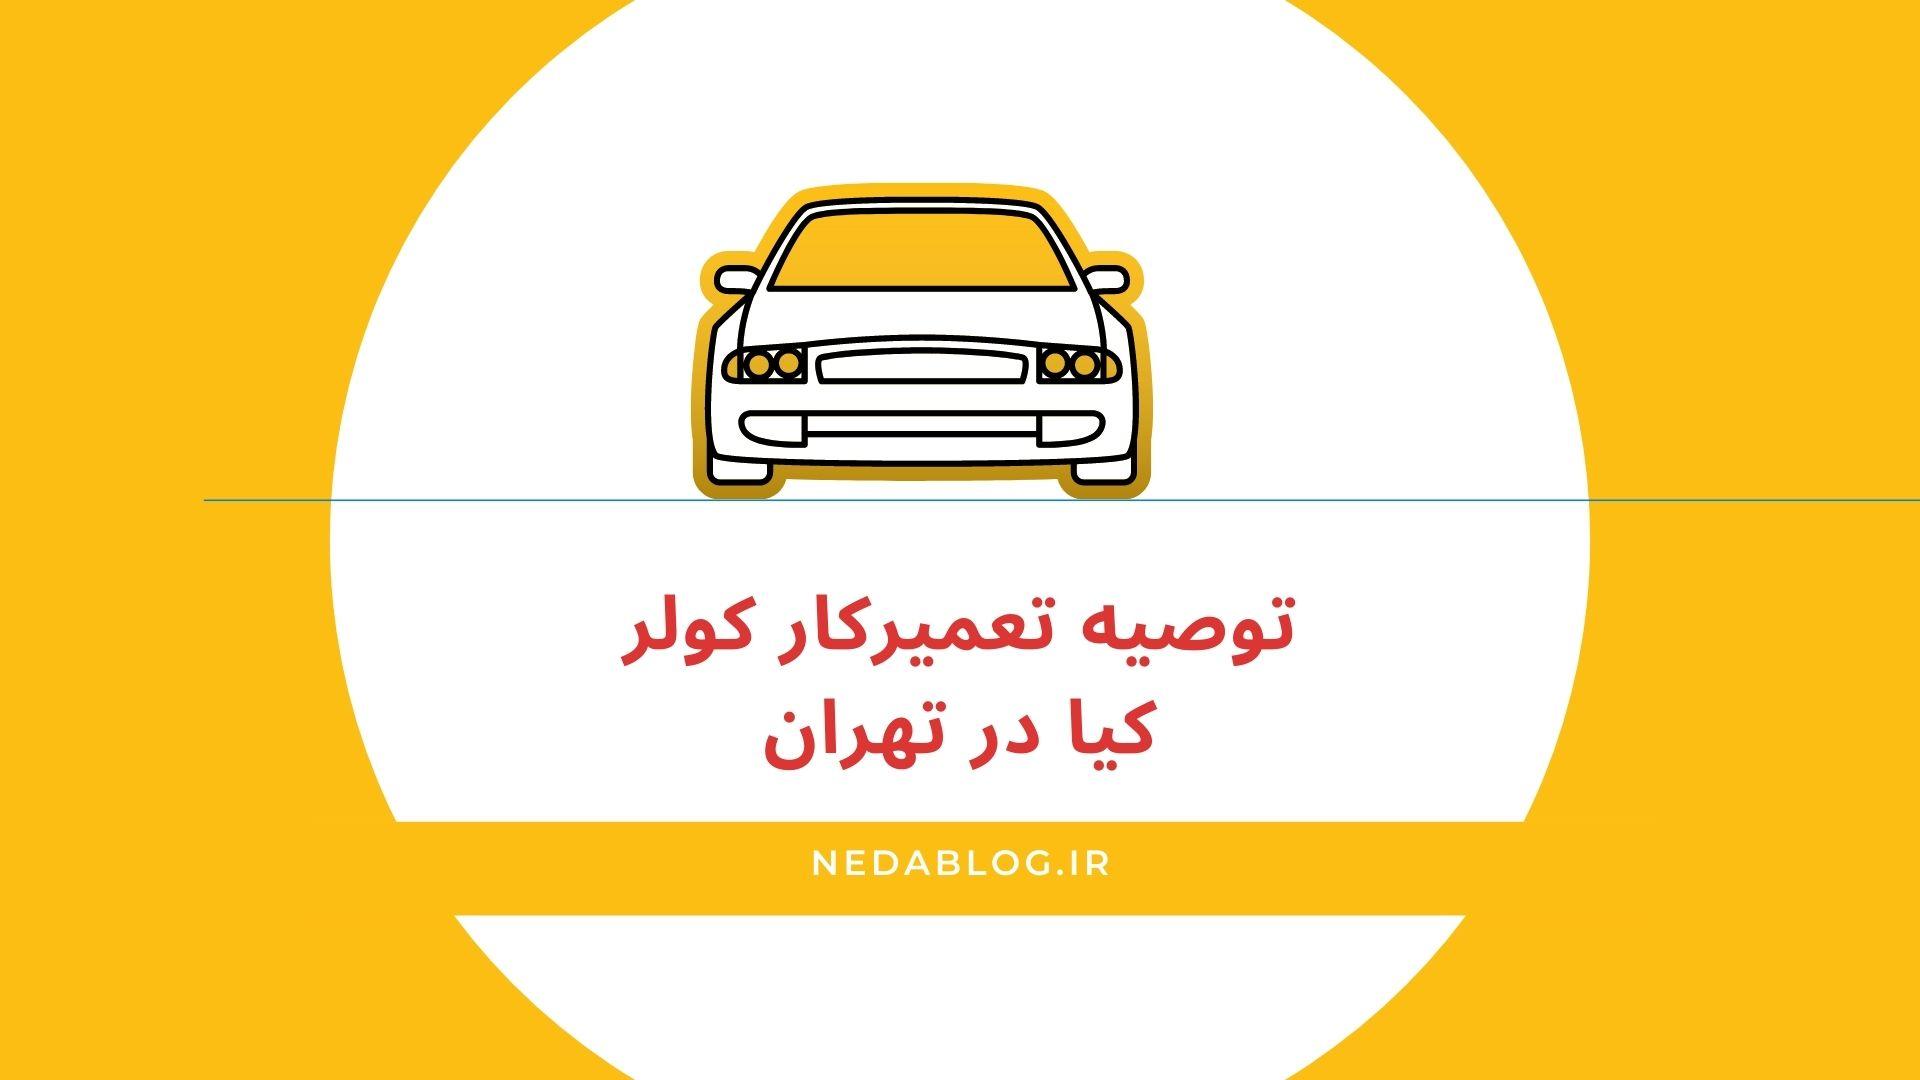 توصیه تعمیرکار کولر کیا در تهران